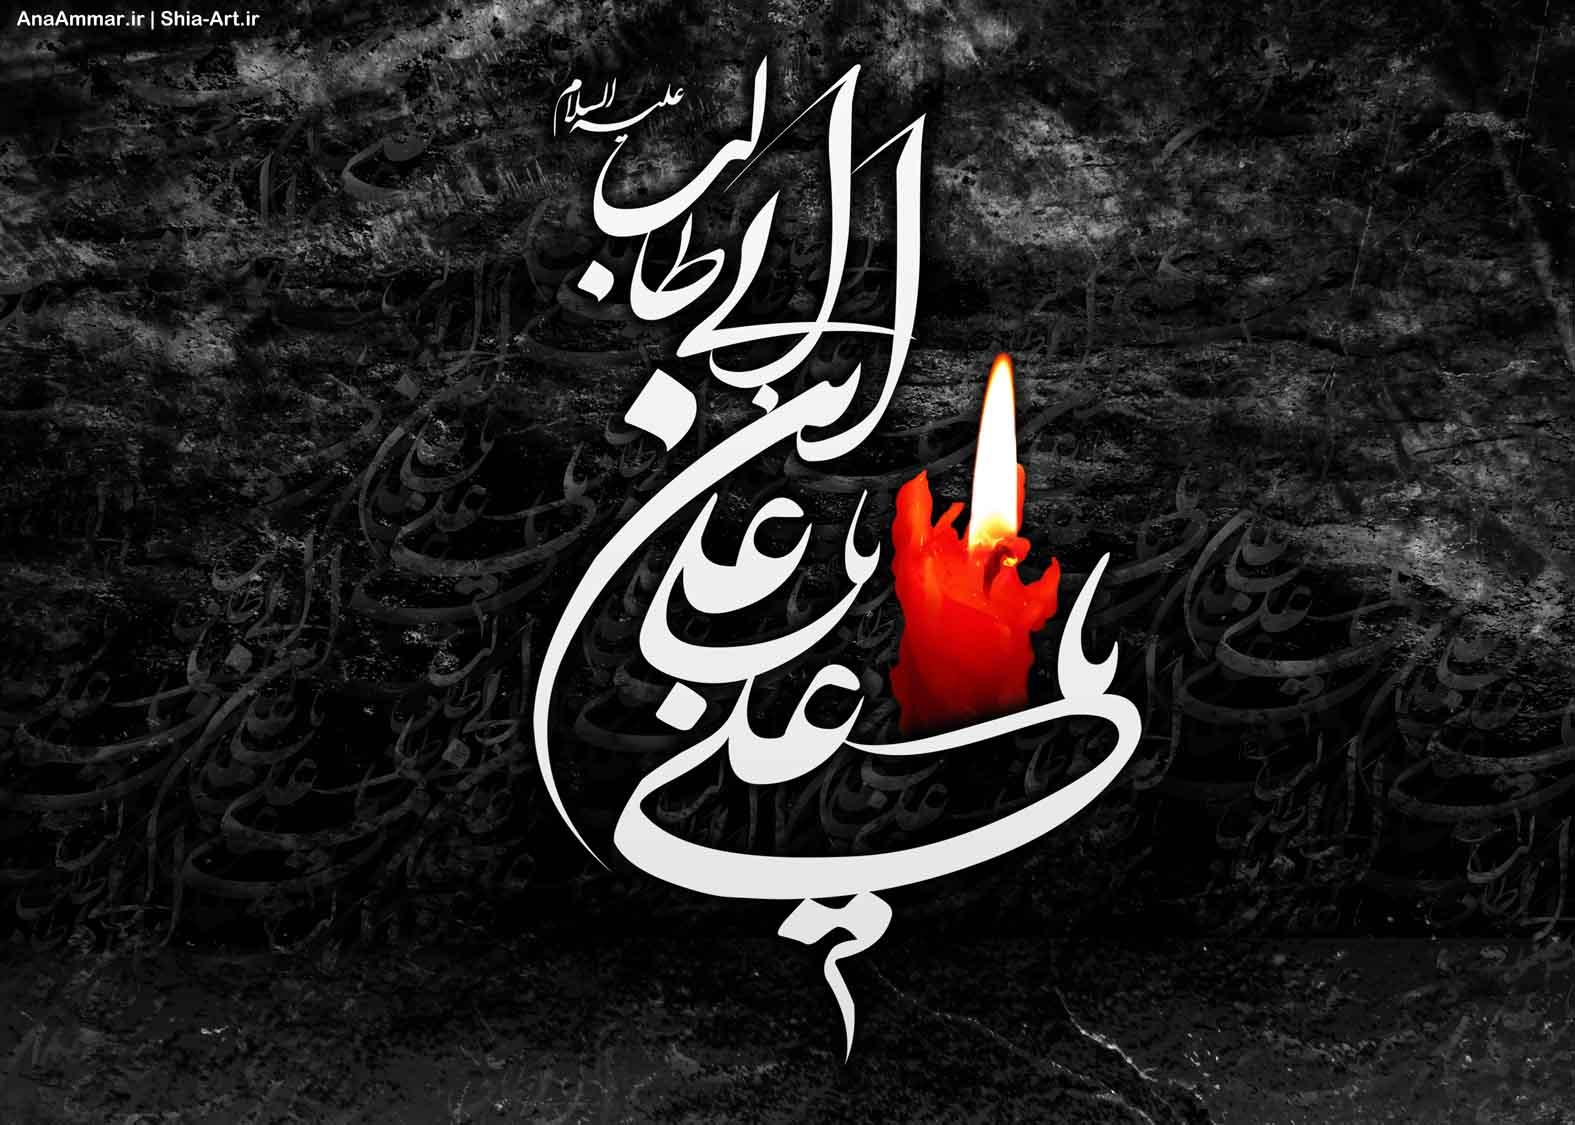 بنر و پوستر شهادت امام علی (ع)